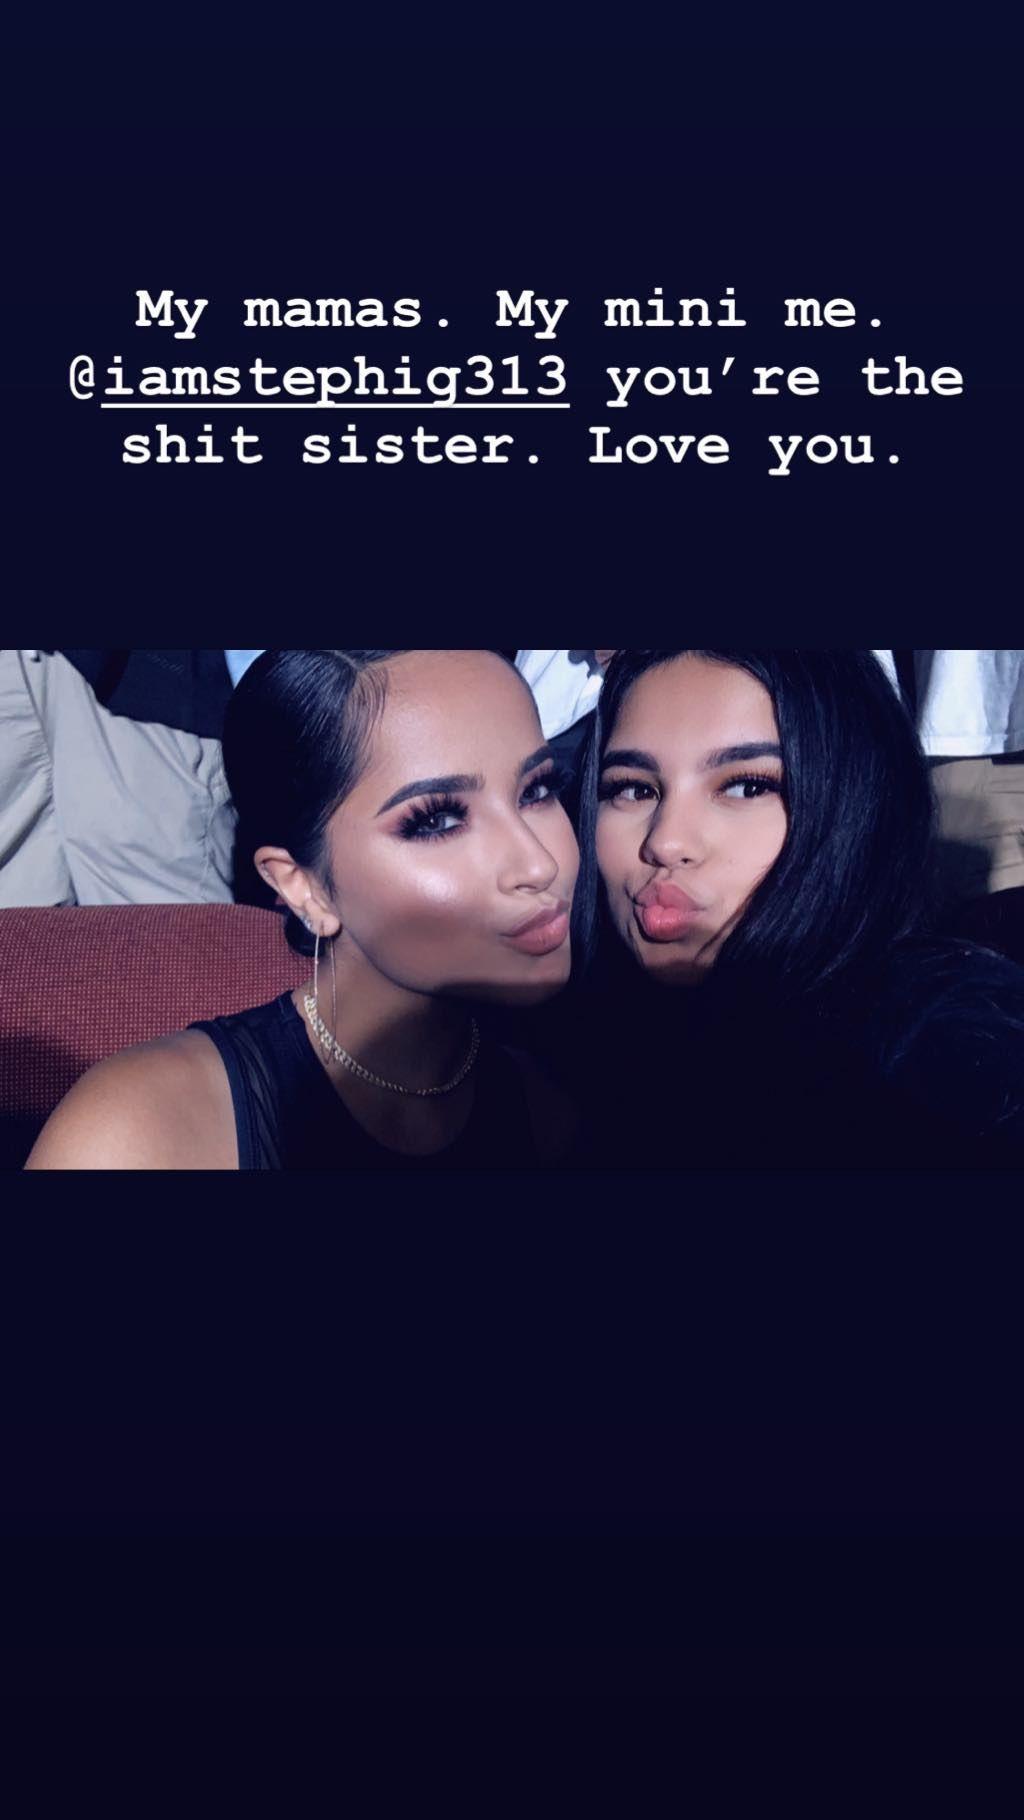 La cantante compartió un conmovedor mensaje a su hermana. (Foto: Instagram)